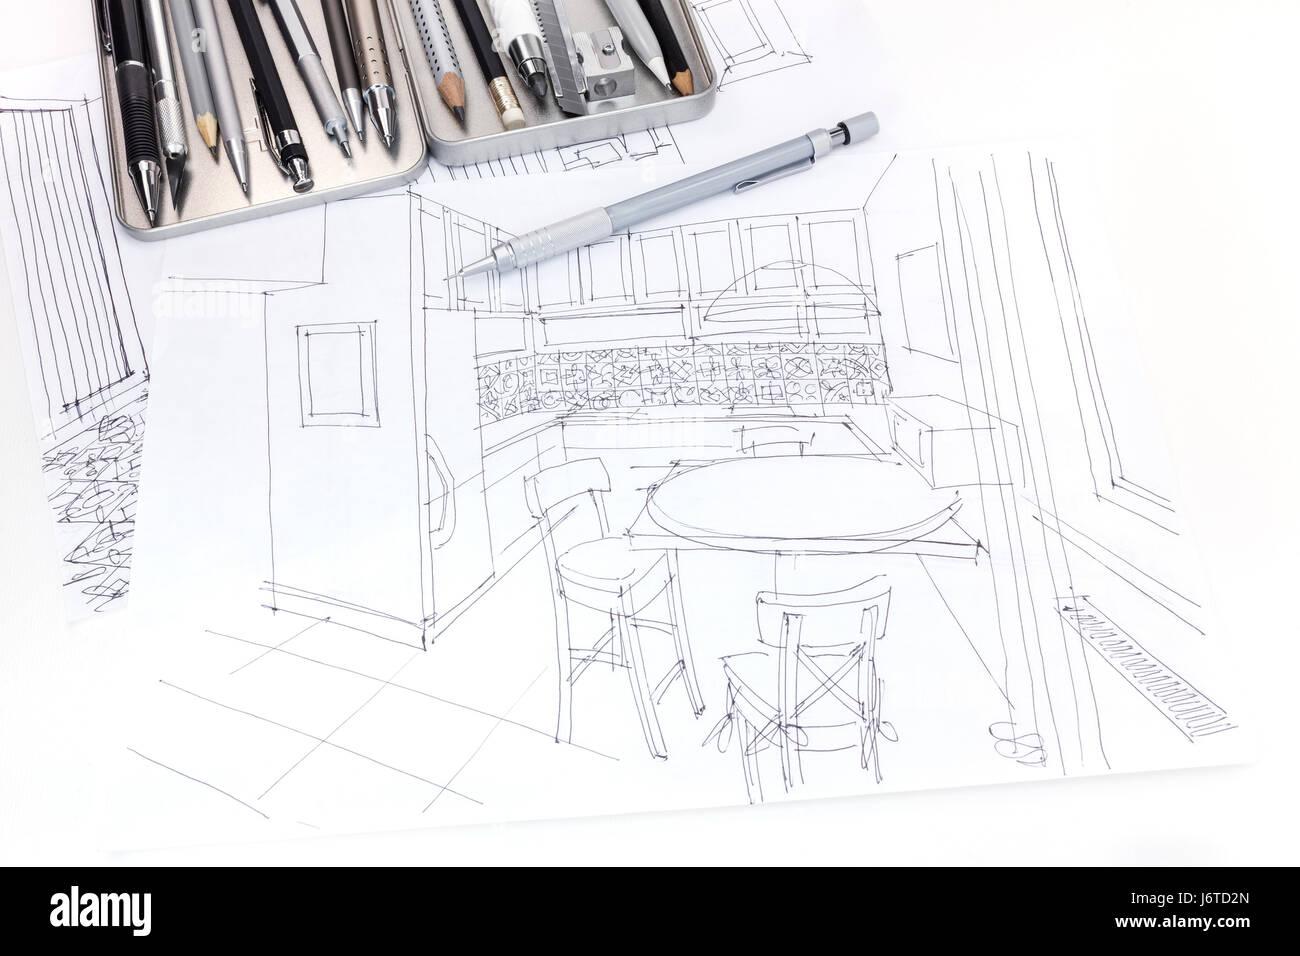 Hand drawn sketch of kitchen interior and furniture blueprint with hand drawn sketch of kitchen interior and furniture blueprint with drawing tools malvernweather Gallery